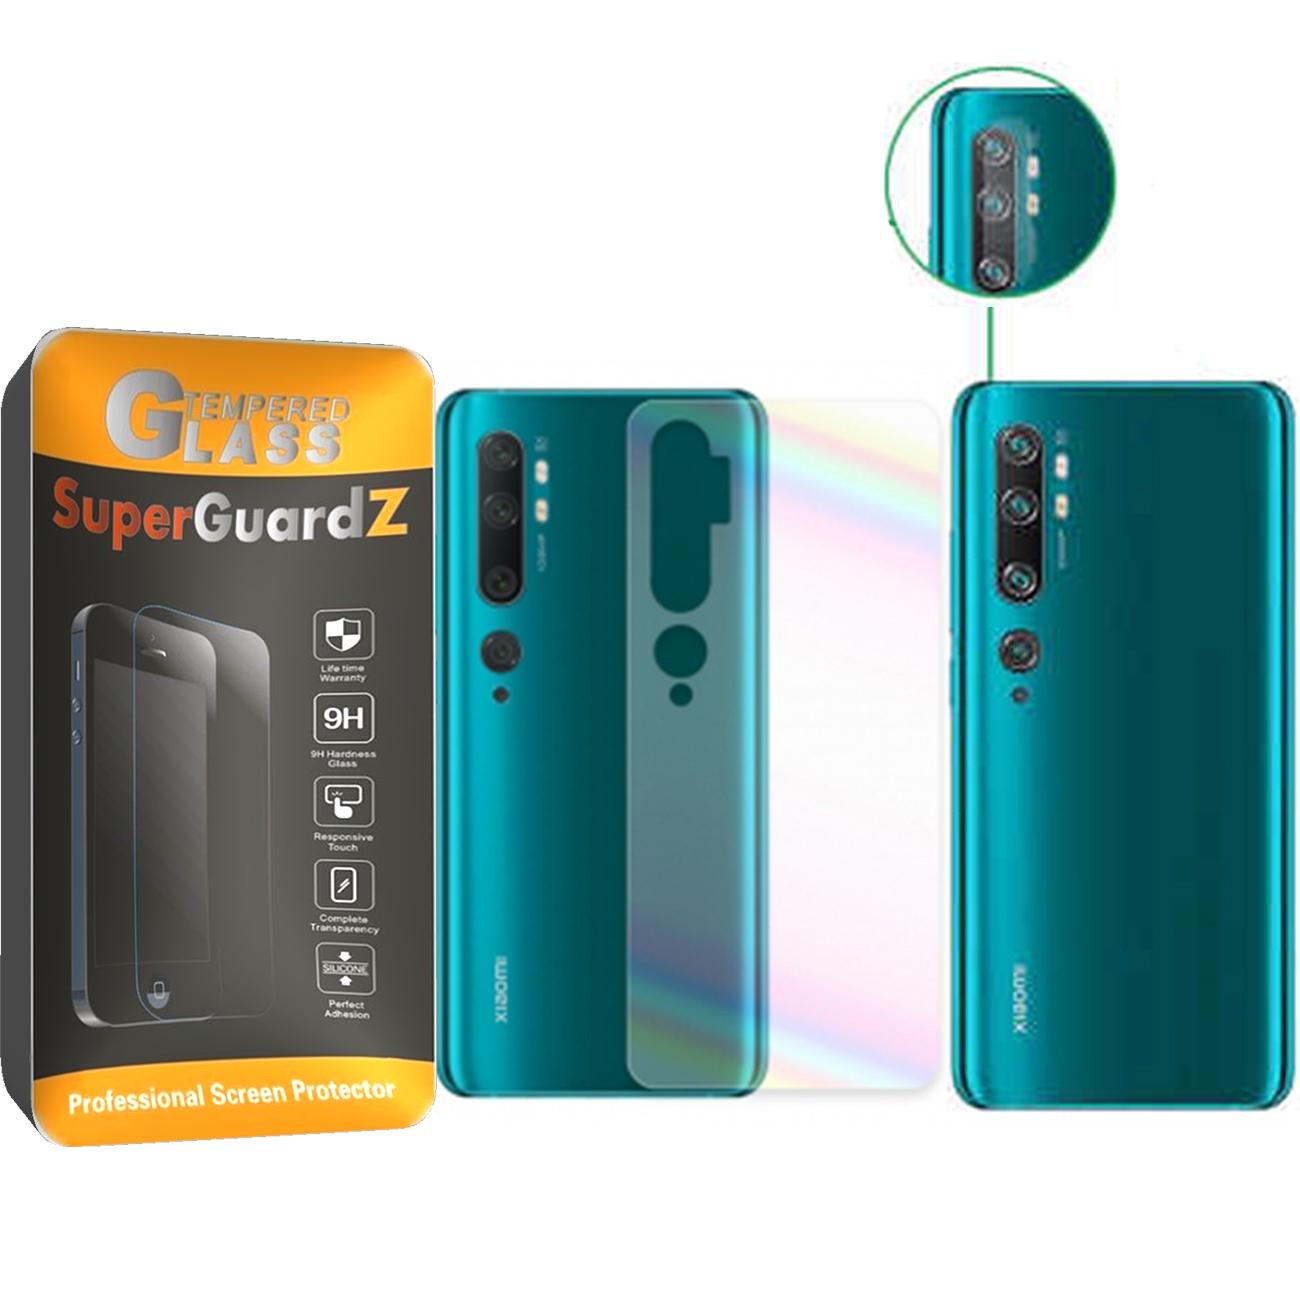 محافظ پشت گوشی مدل Ne-2 مناسب برای گوشی موبایل شیائومی MI NOTE 10 به همراه محافظ لنز دوربین